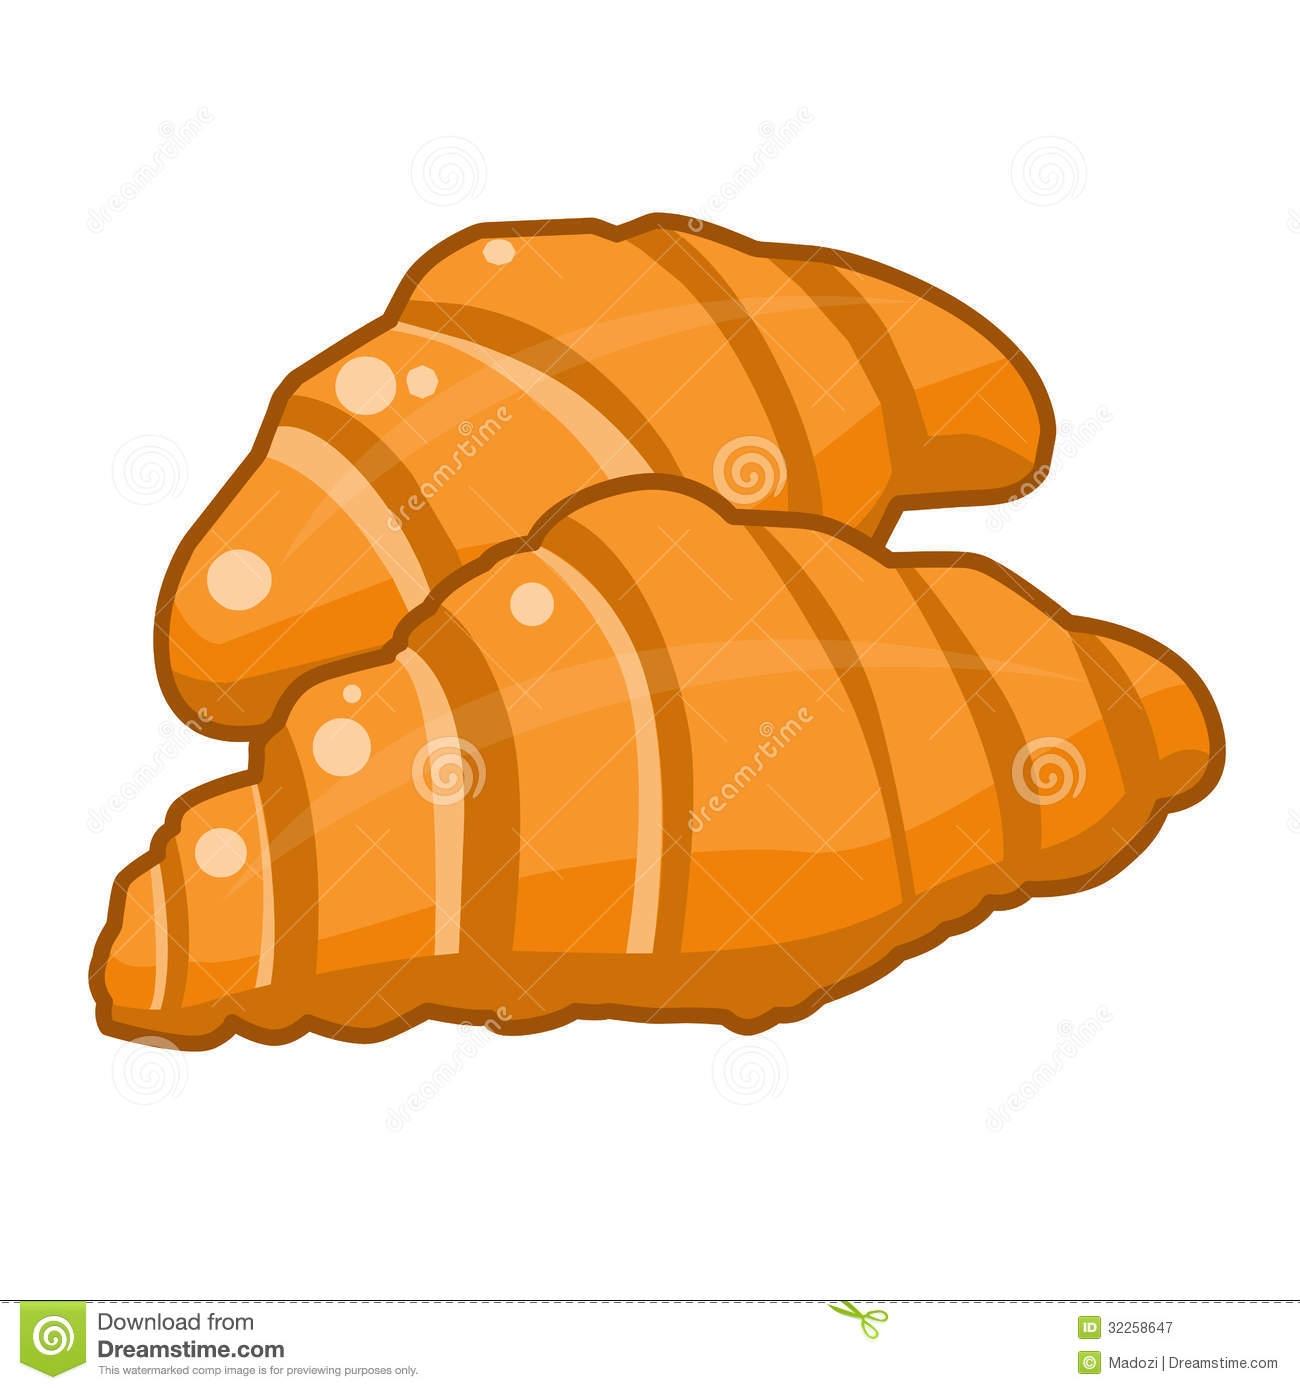 Croissant clipart.